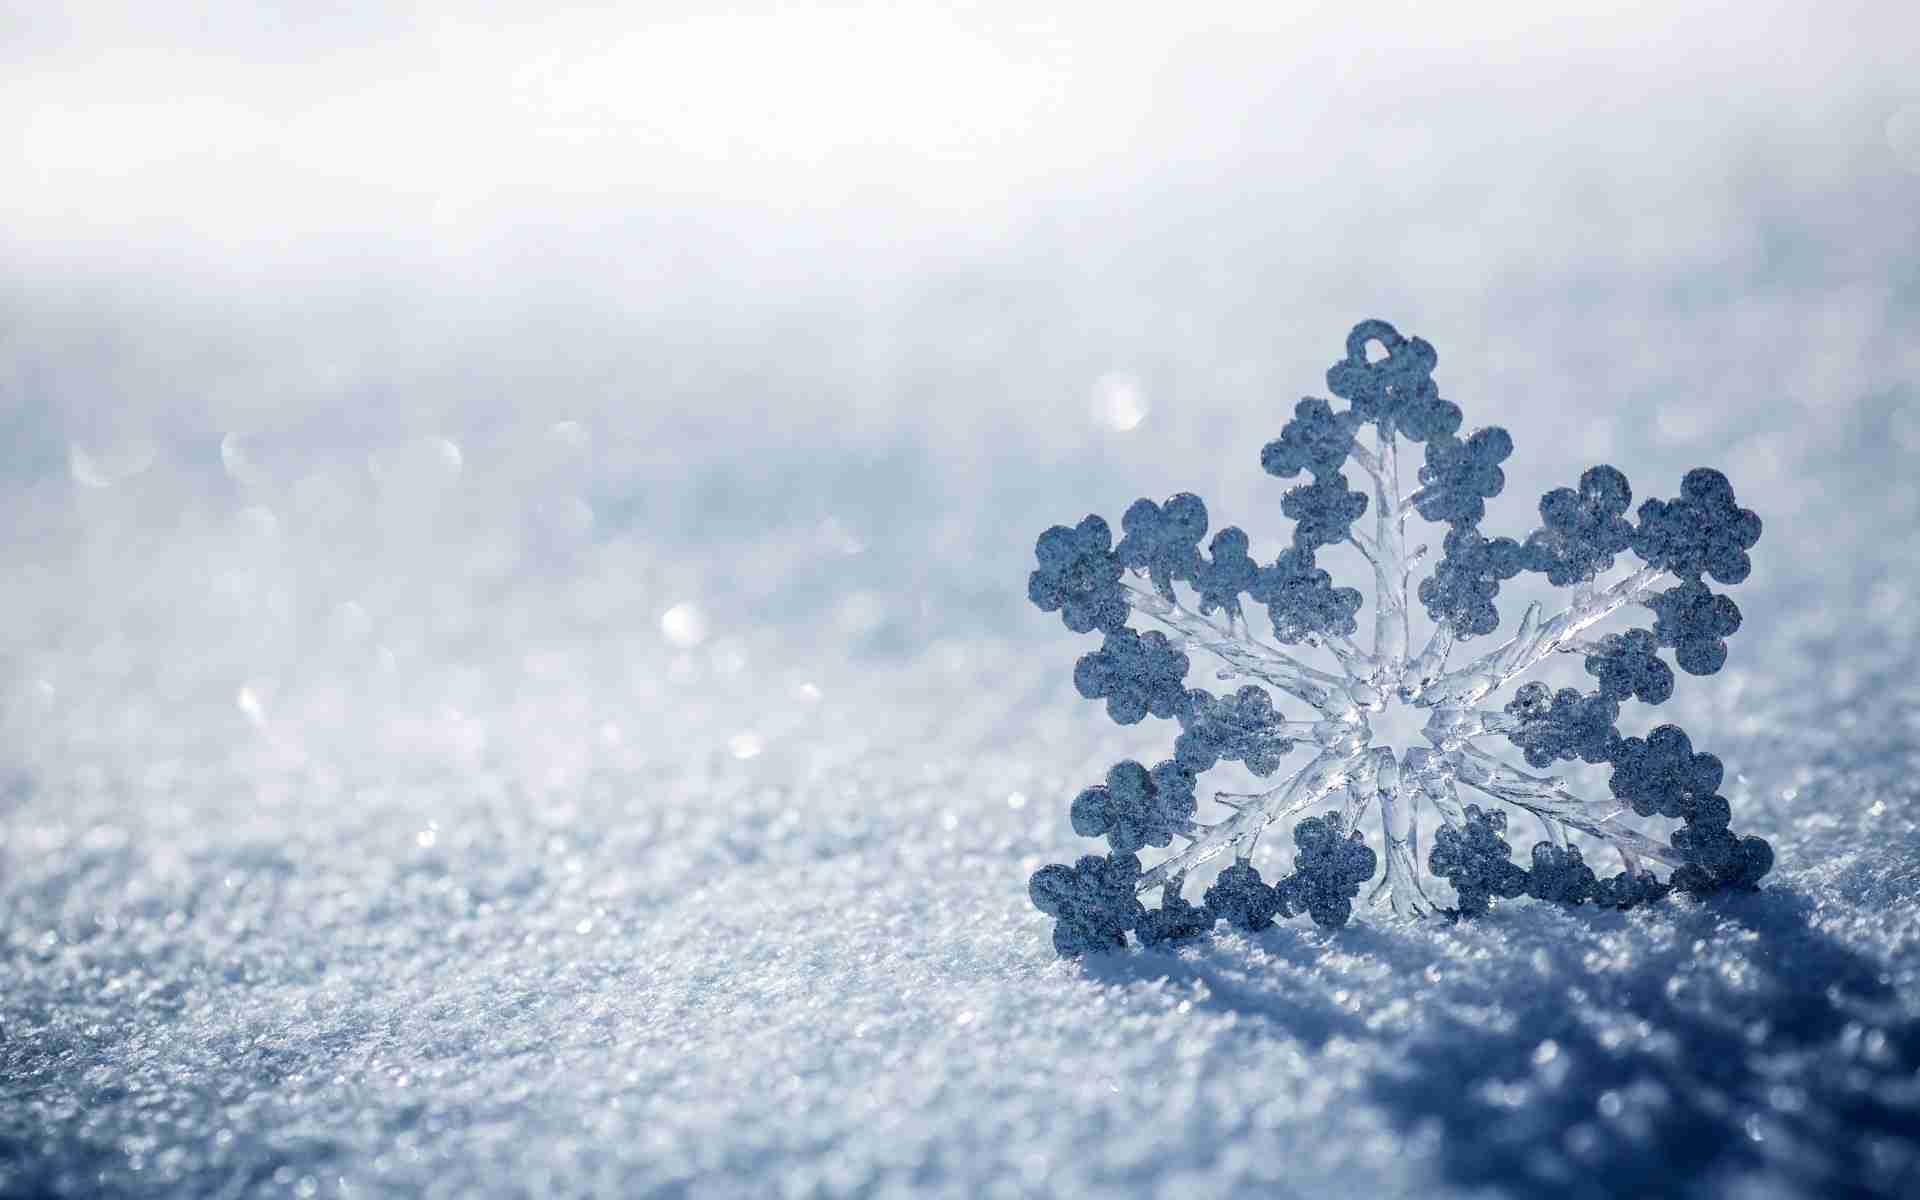 Maltempo: Scuole chiuse in molti Comuni, rischio ghiaccio nella notte